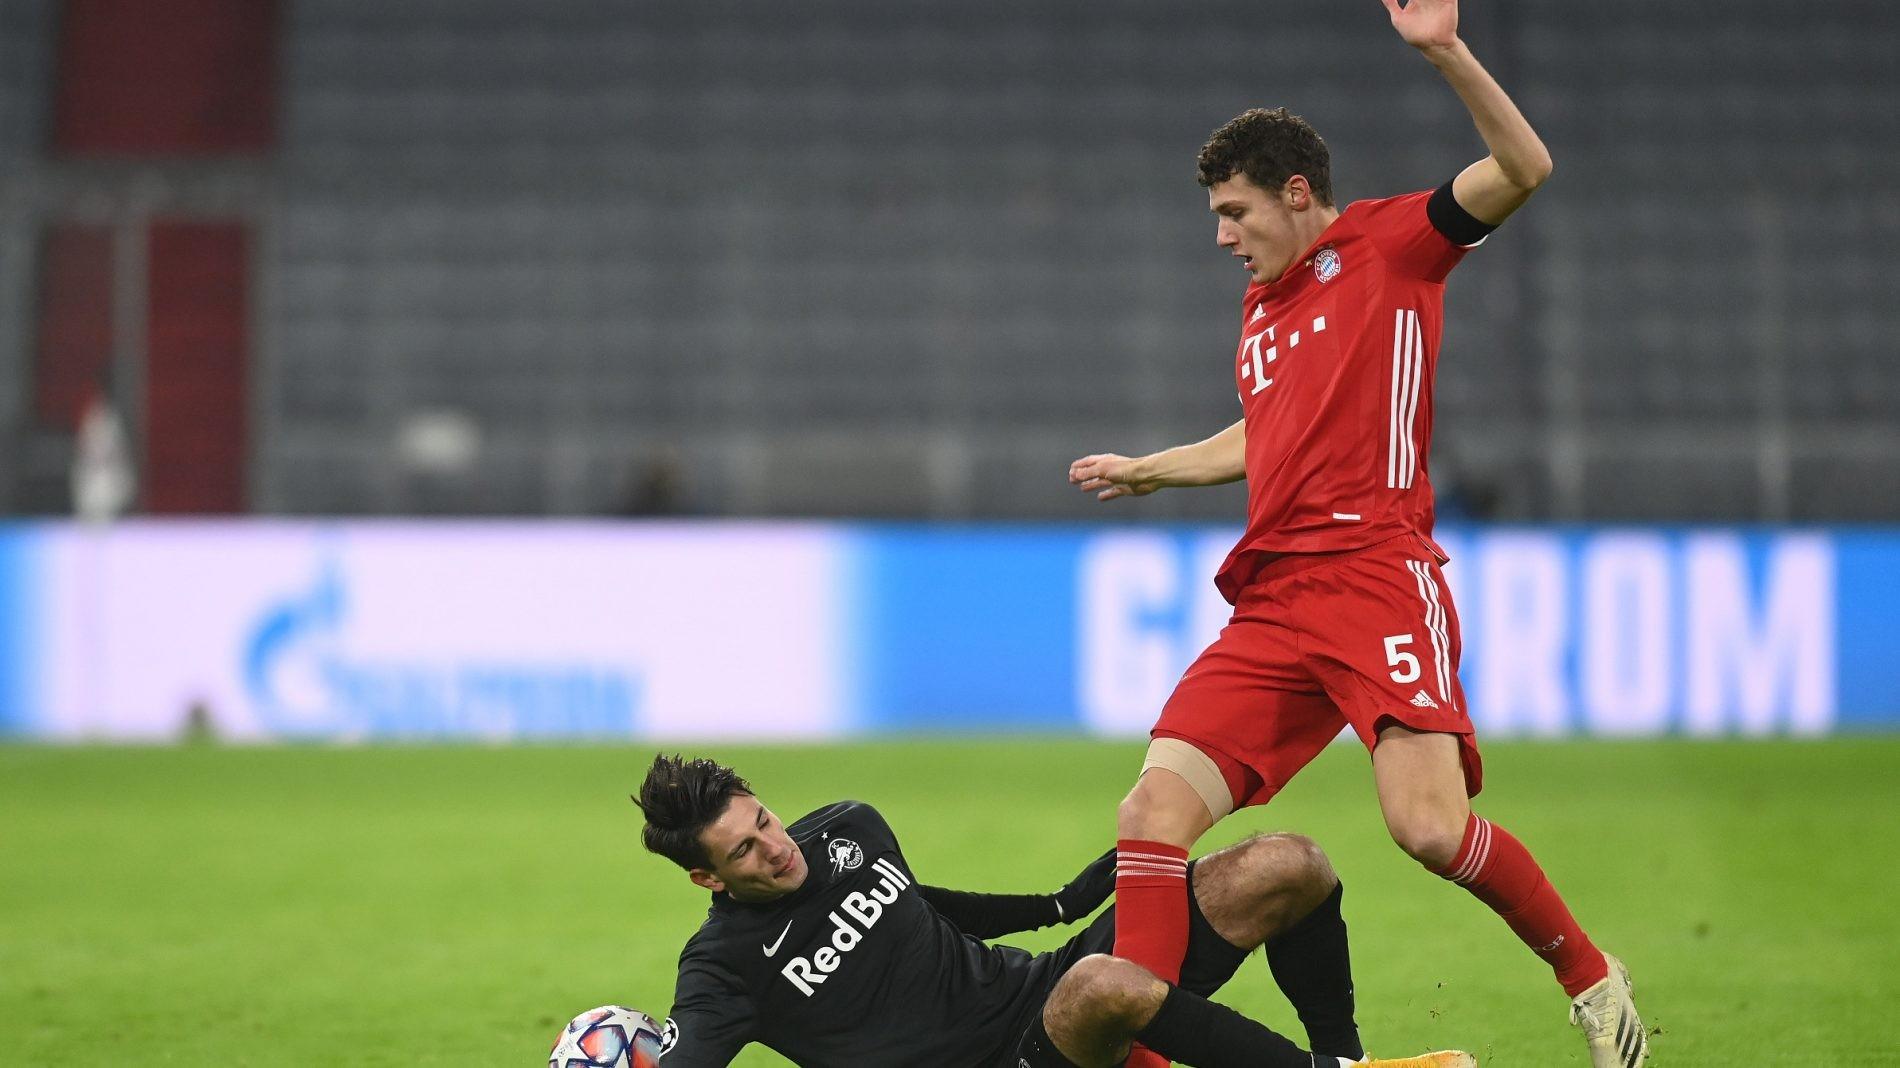 拜仁慕尼黑主场3-1击败萨尔茨堡红牛